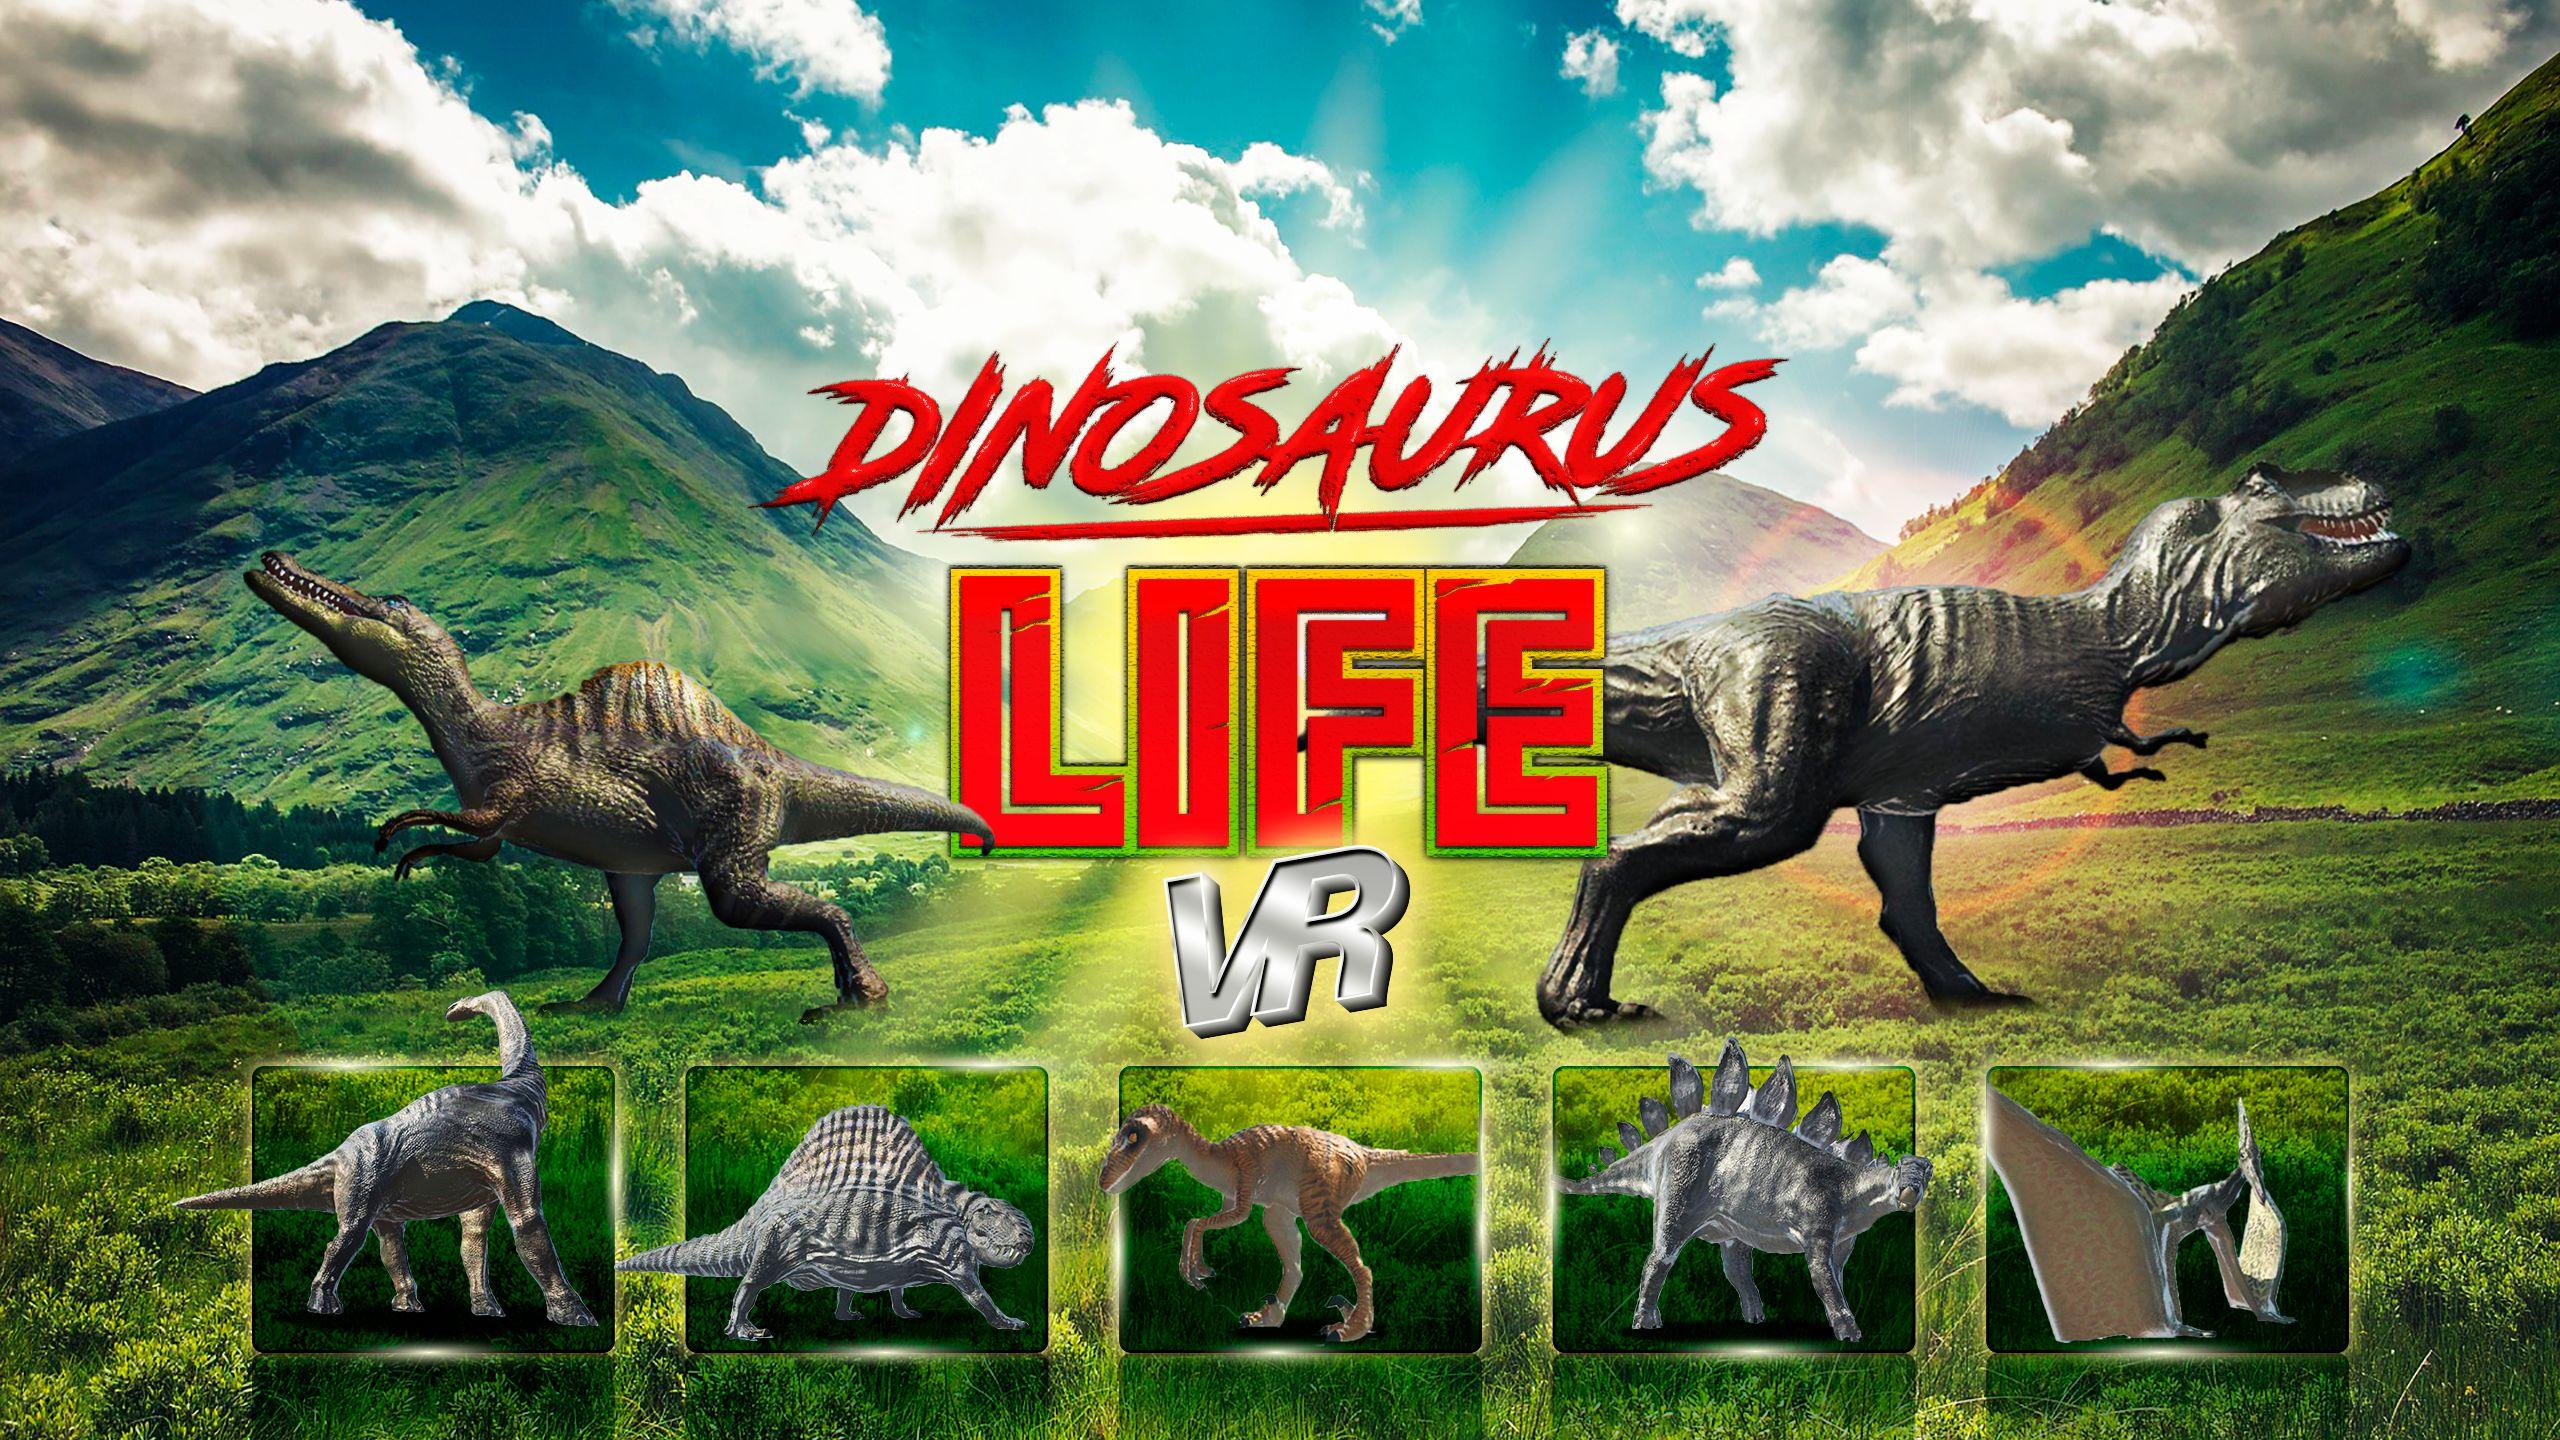 jurassic-life-2560x1440